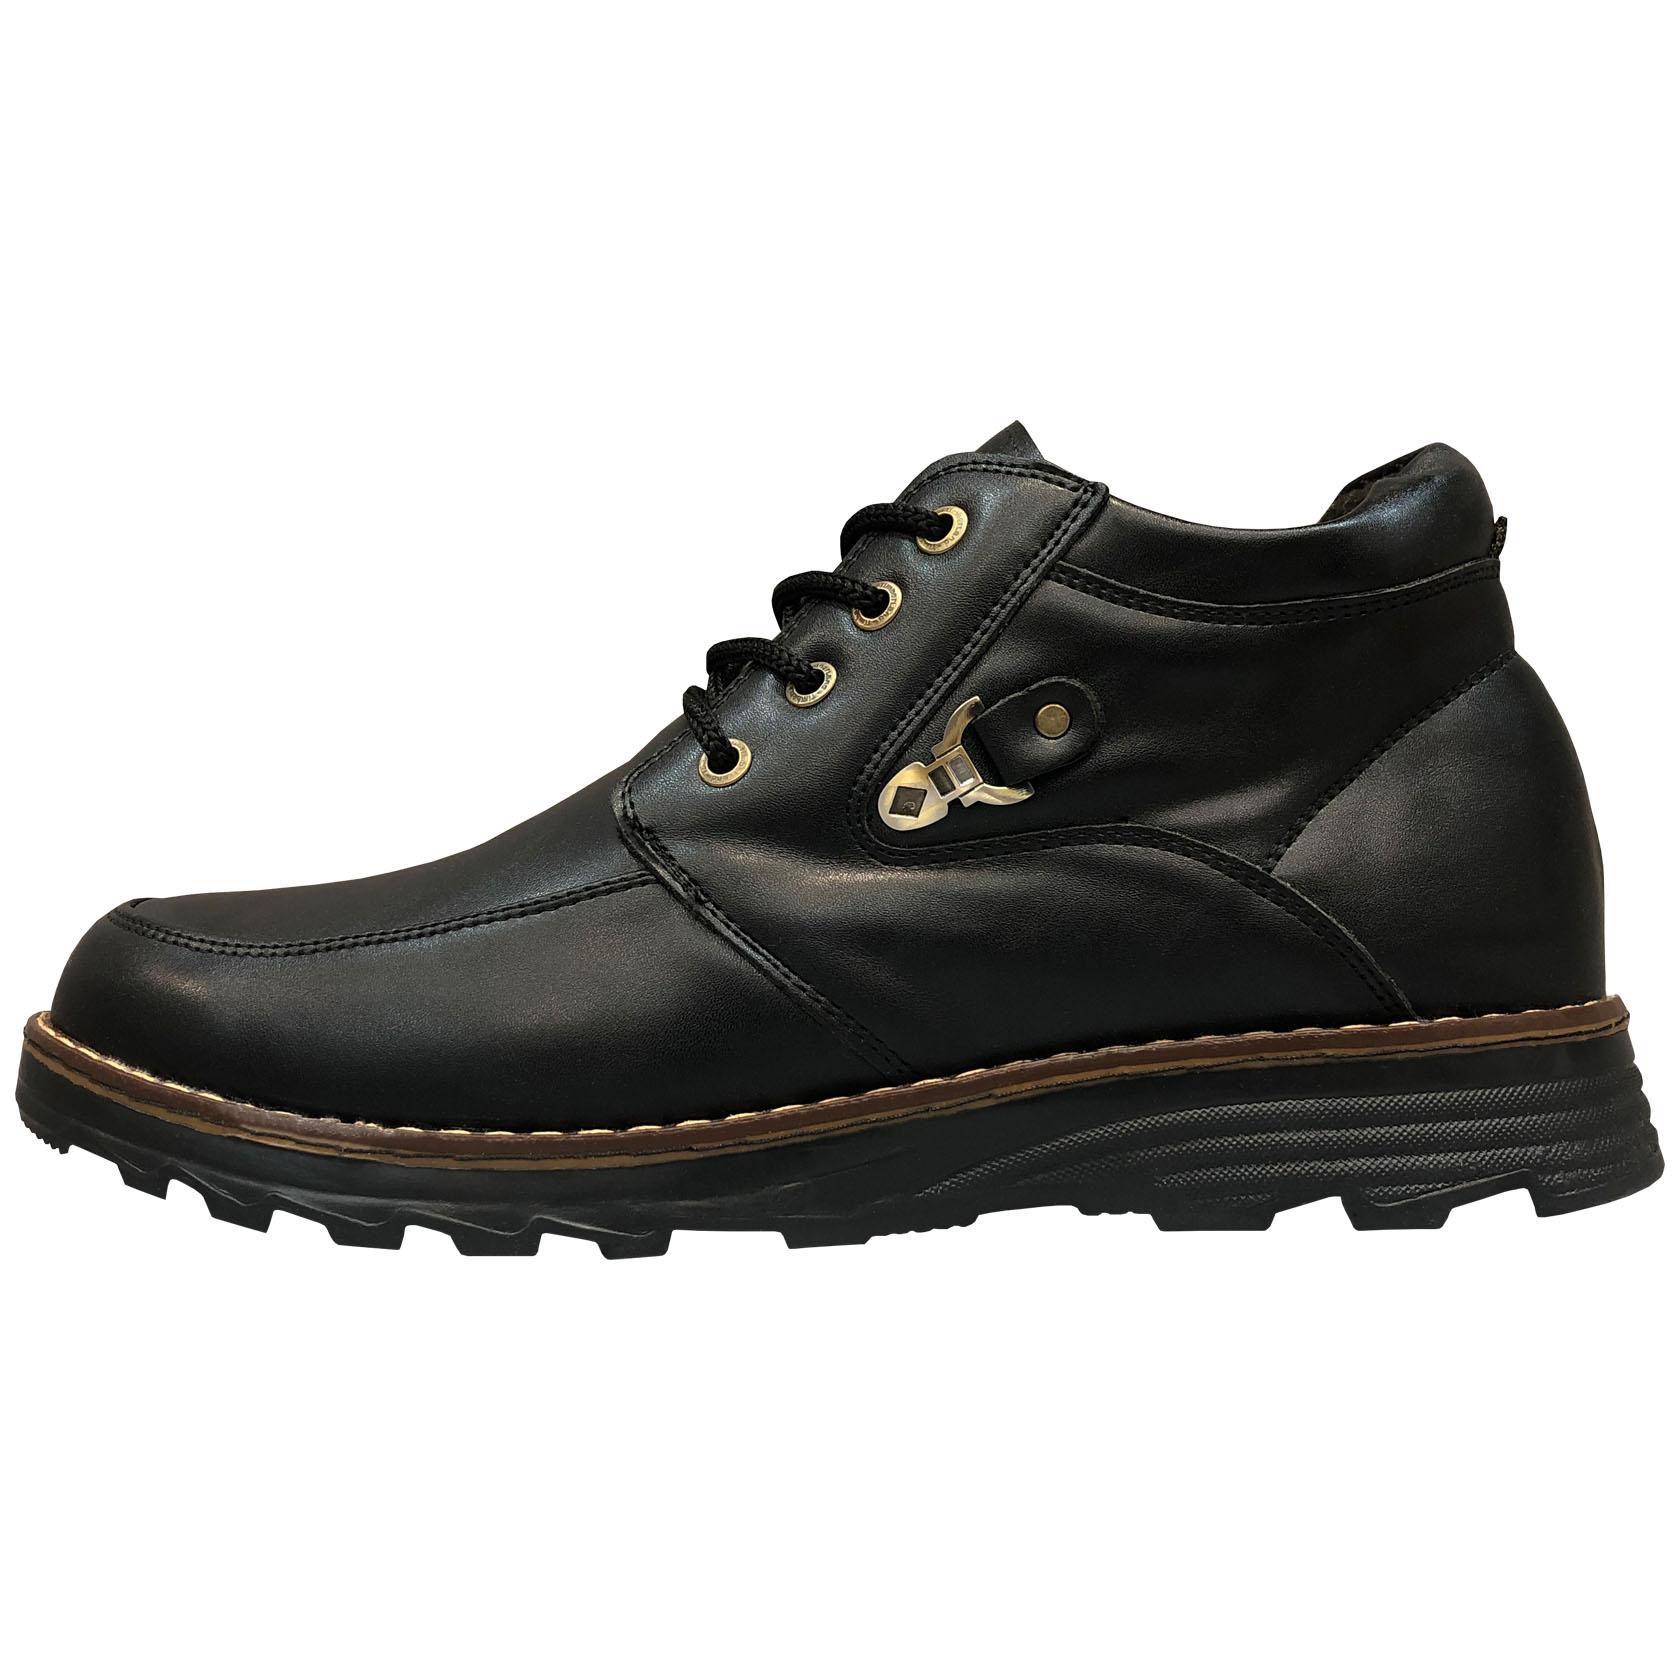 نیم بوت مردانه کفش سعیدی مدل sa120